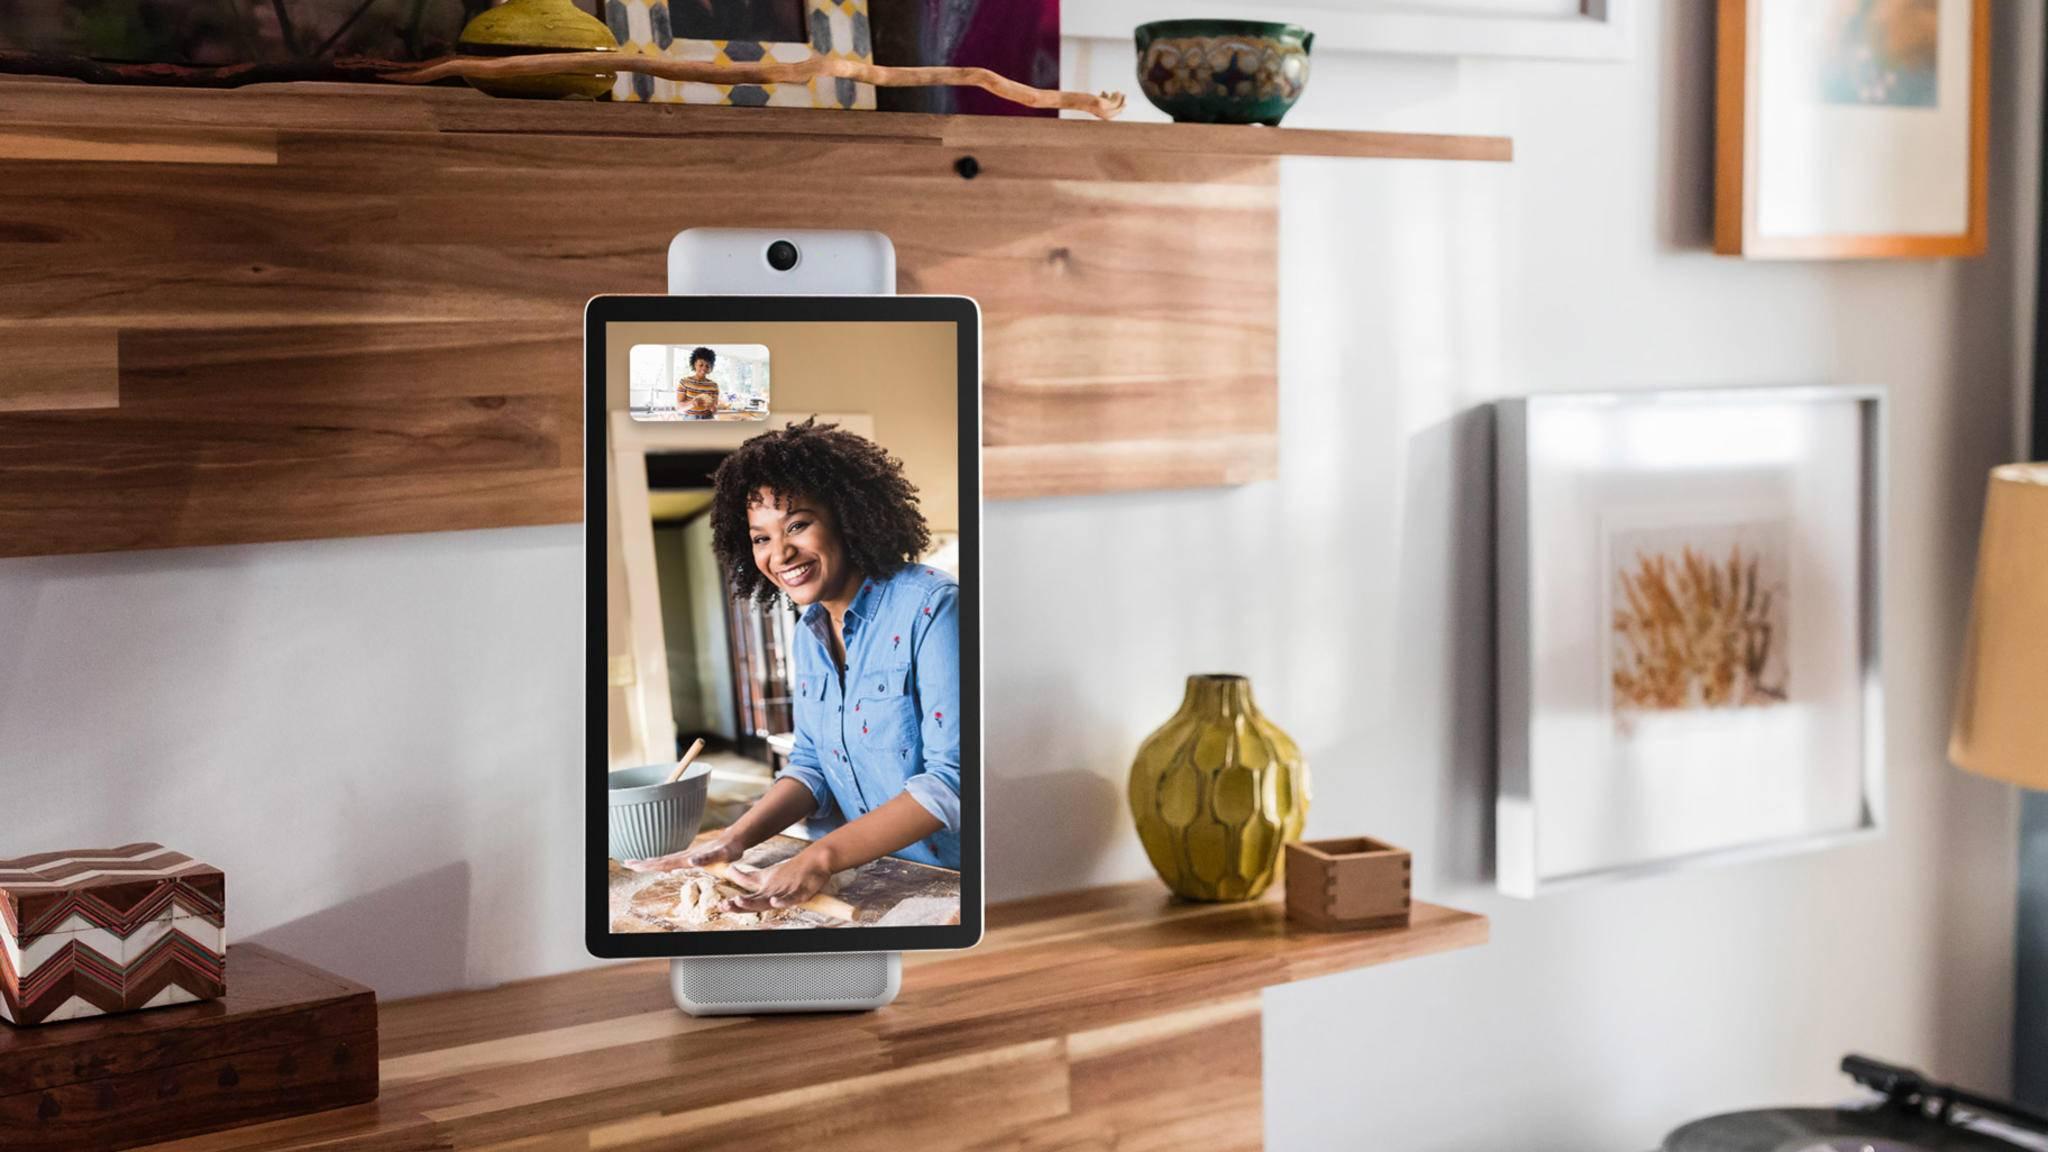 Ein Facebook-Sprachdienst könnte etwa im Smart Display Portal zum Einsatz kommen.